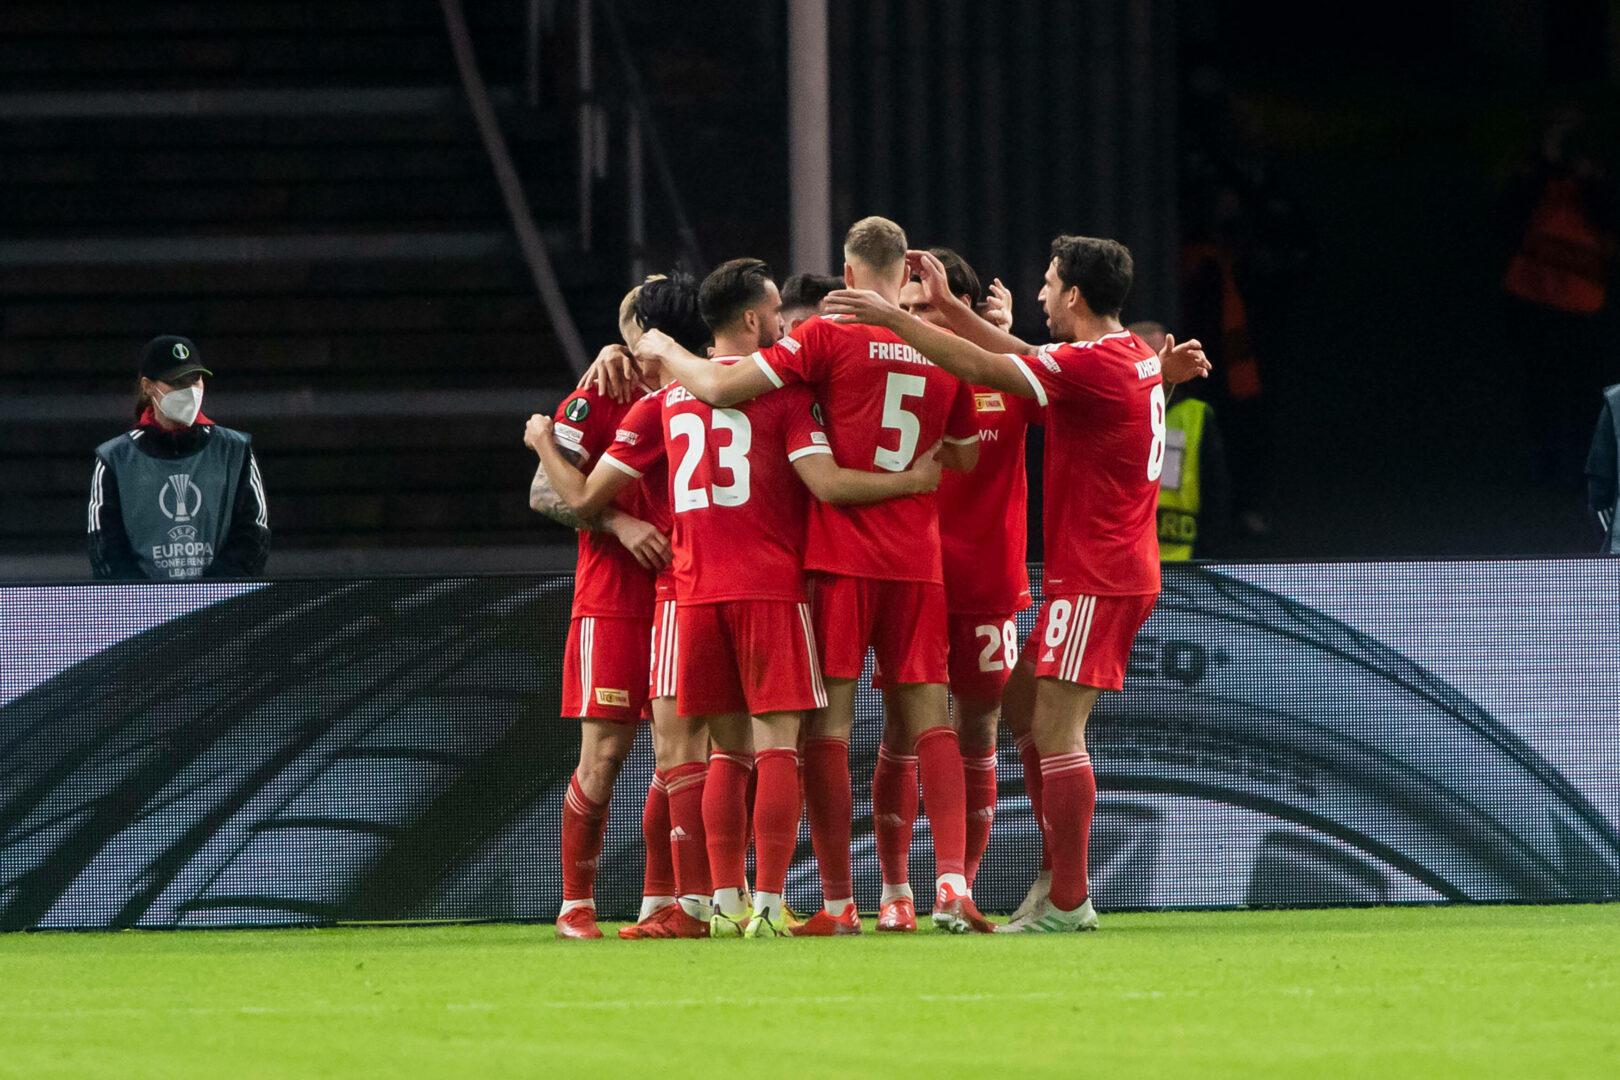 Die Spieler von Union Berlin feiern das 1:0 über Maccabi Haifa